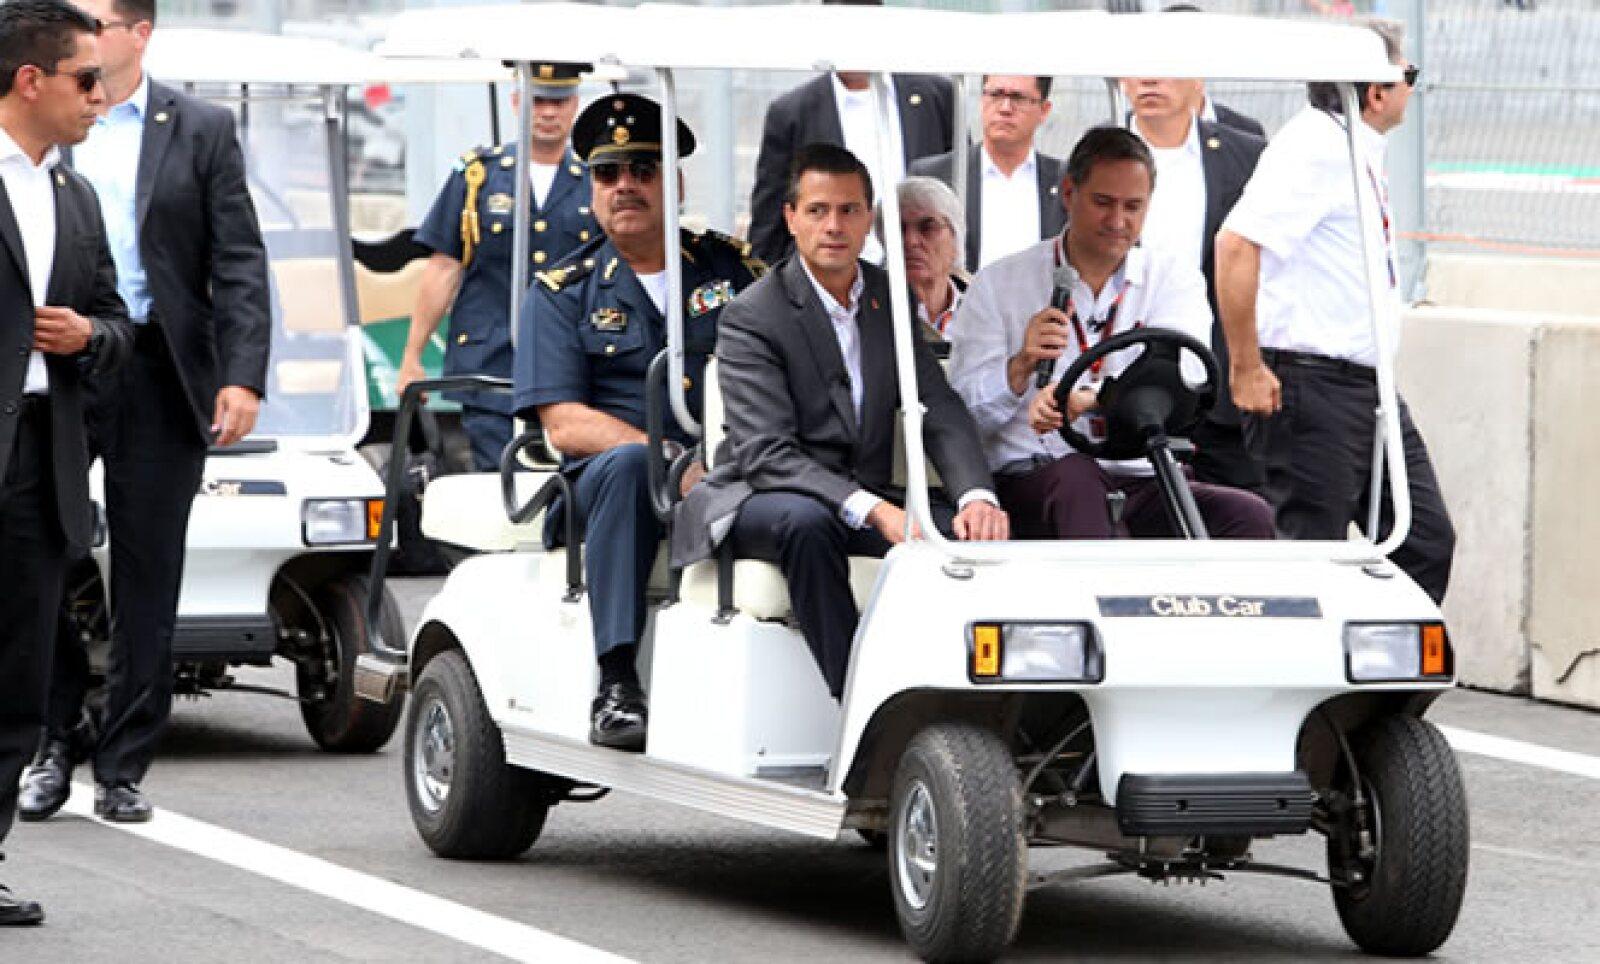 El presidente Enrique Peña Nieto acudió al Autódromo Hermanos Rodríguez a unos días de que se realice el evento de la Fórmula 1.